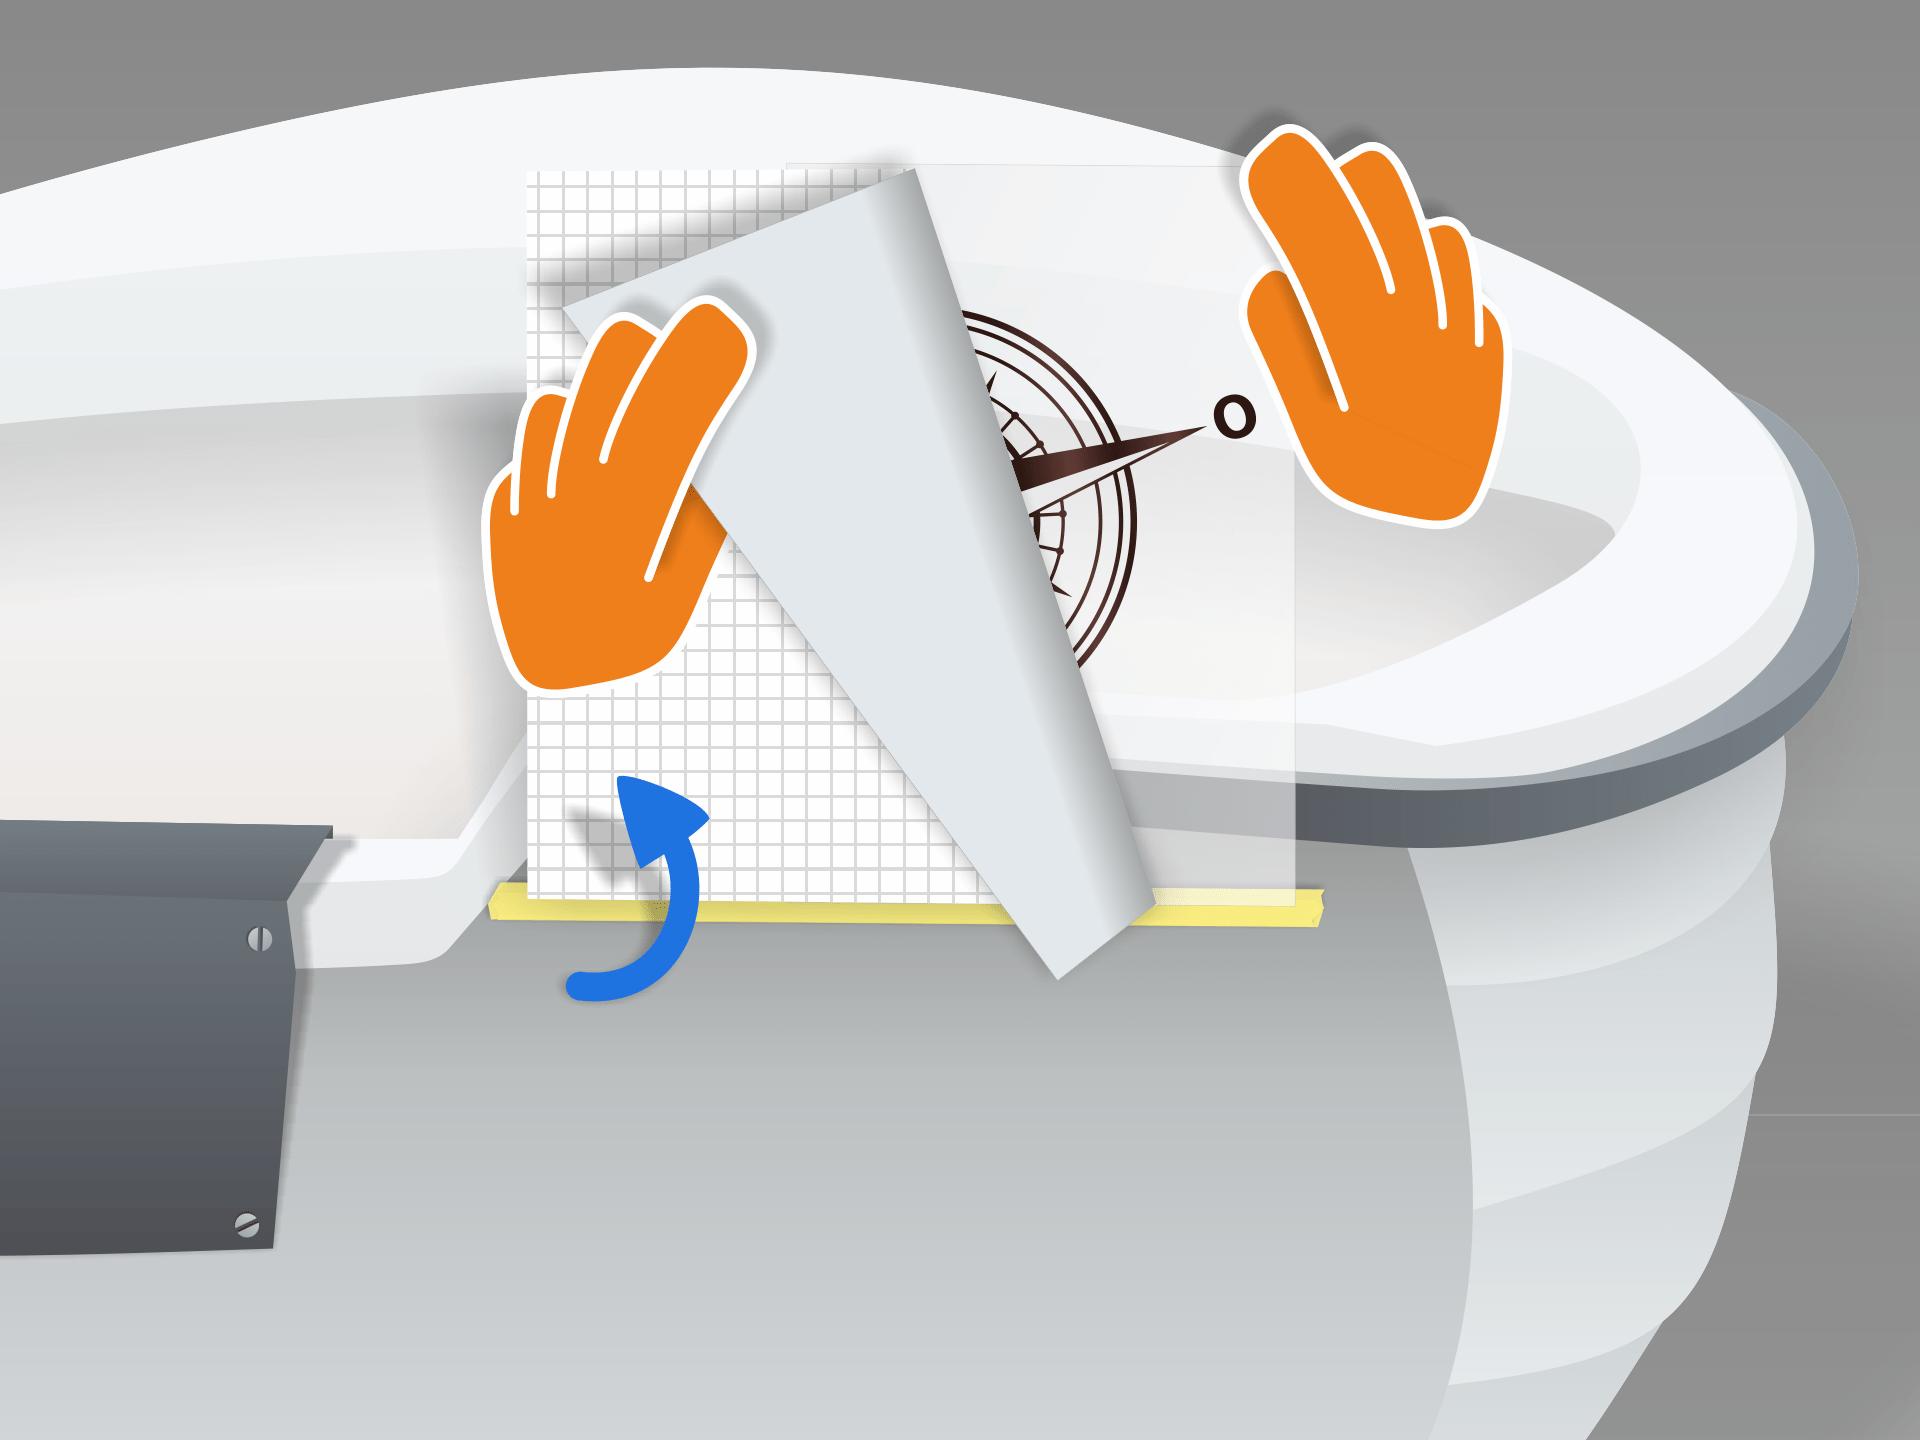 Aufkleber nach oben klappen und das rückseitige Trägerpapier vorsichtig abziehen.   Vorsicht: Das Motiv muss dabei vollständig an der Übertragungsfolie haften bleiben.